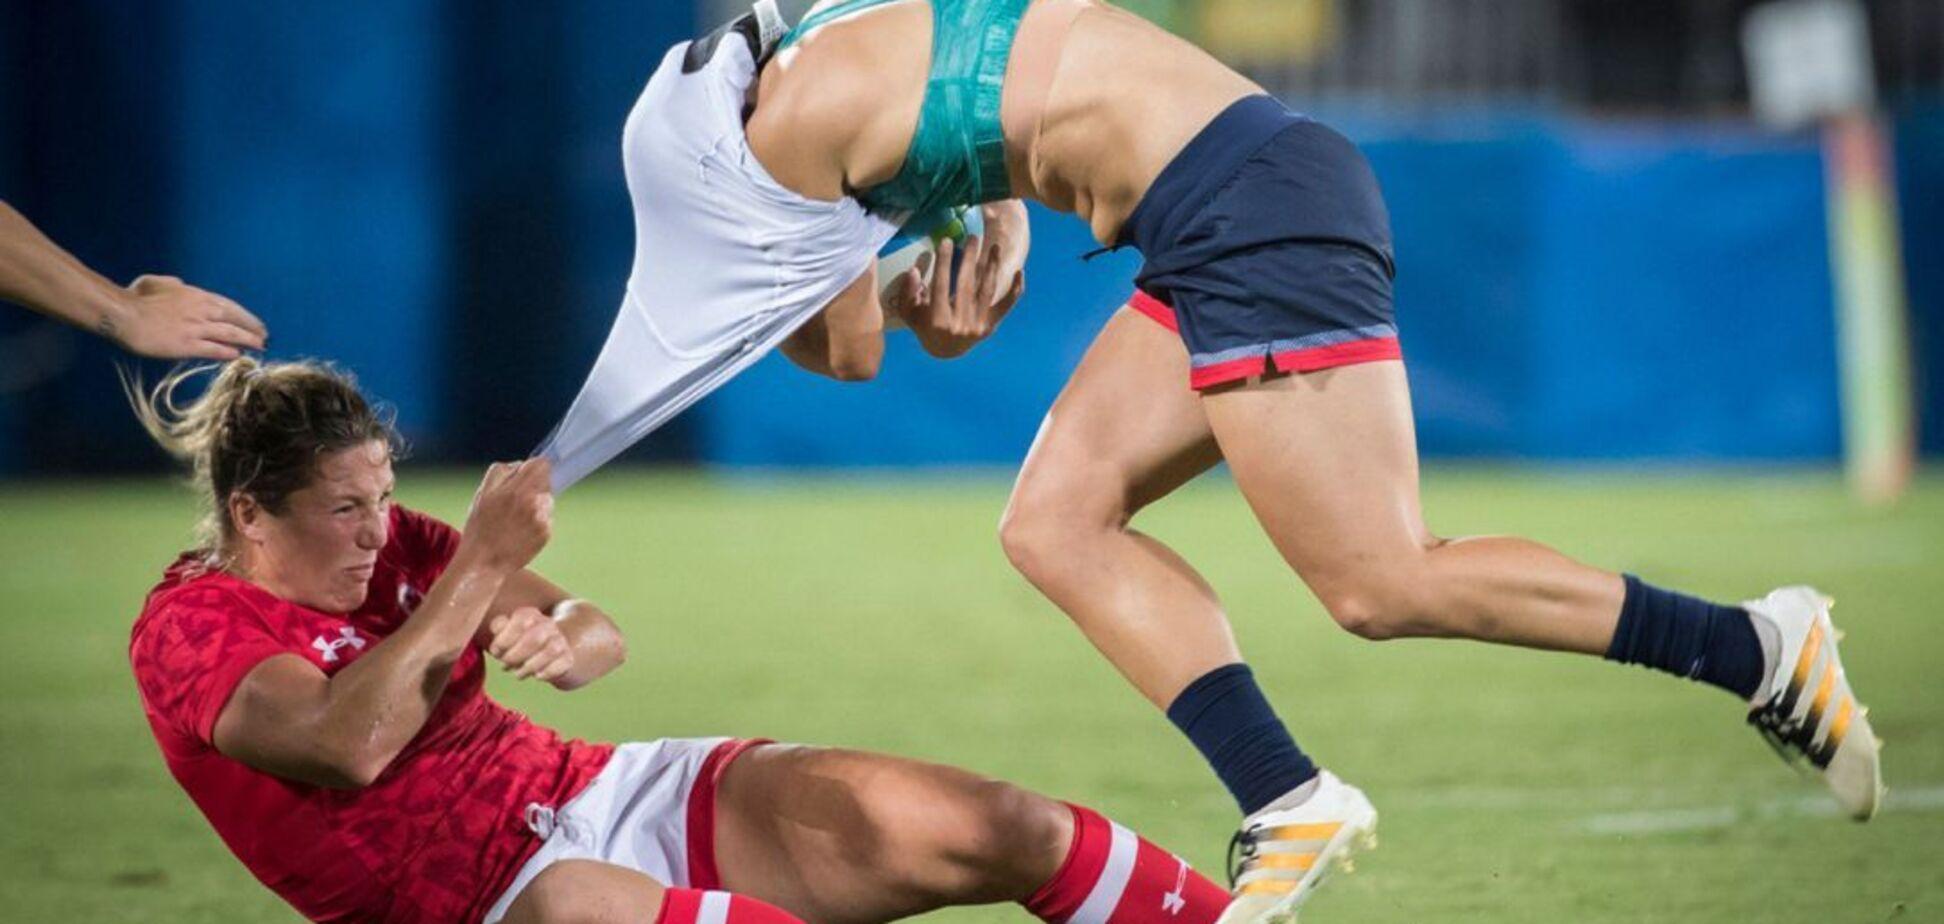 Женские команды устроили массовый мордобой в чемпионате Аргентины. Видео